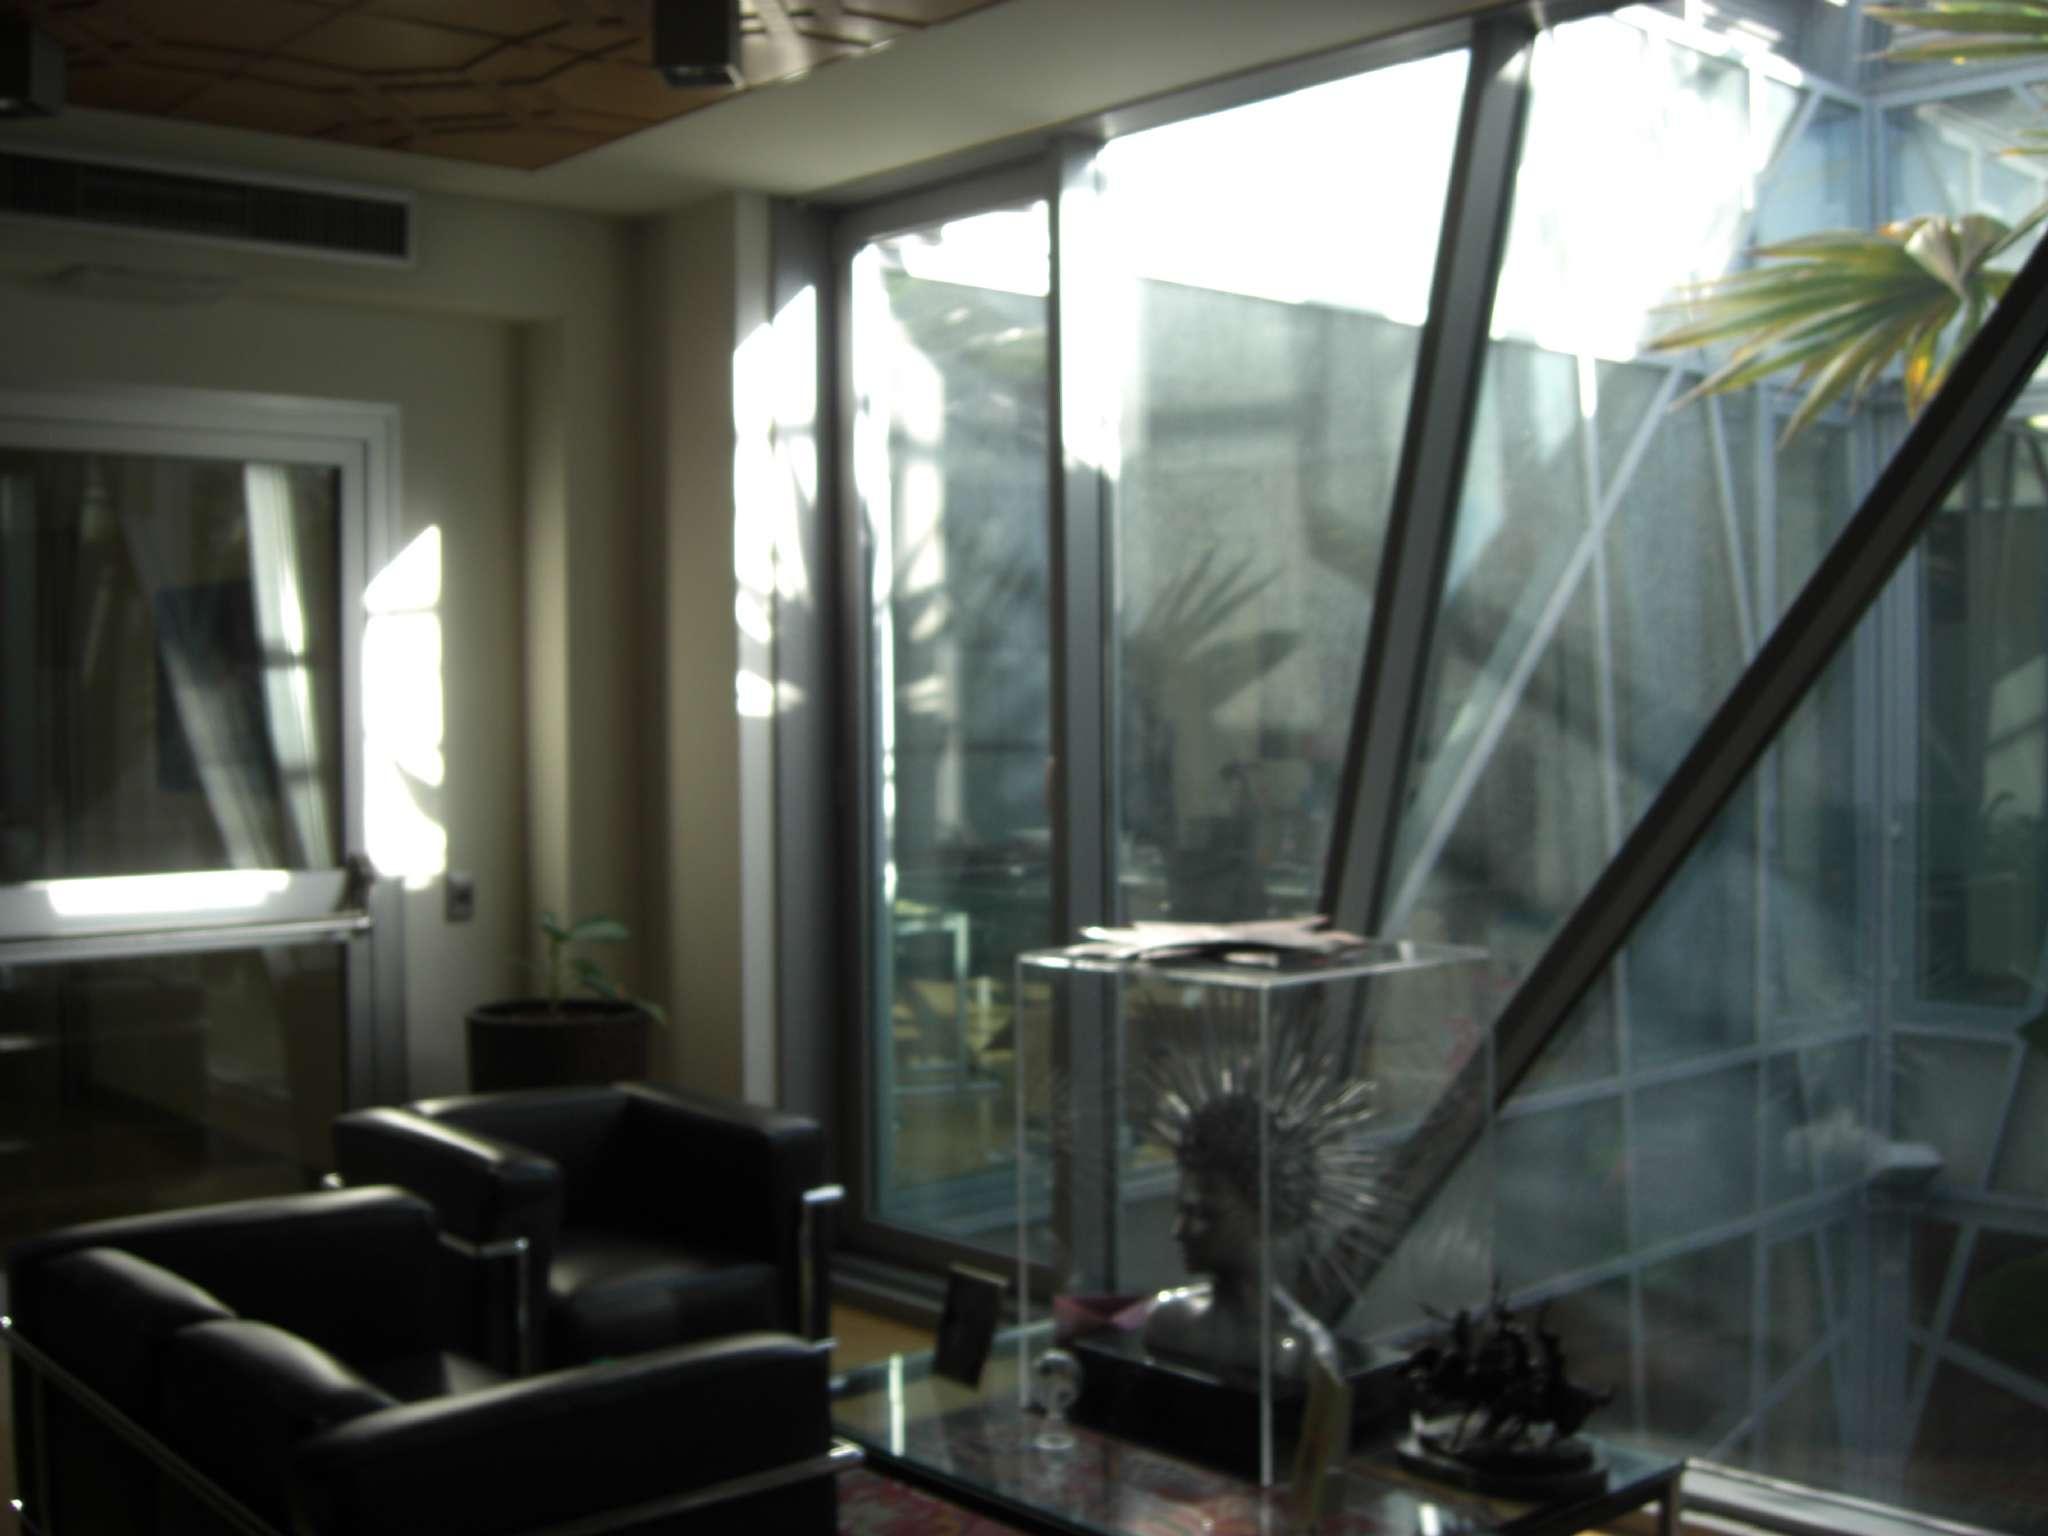 Ufficio / Studio in vendita a None, 30 locali, Trattative riservate | PortaleAgenzieImmobiliari.it